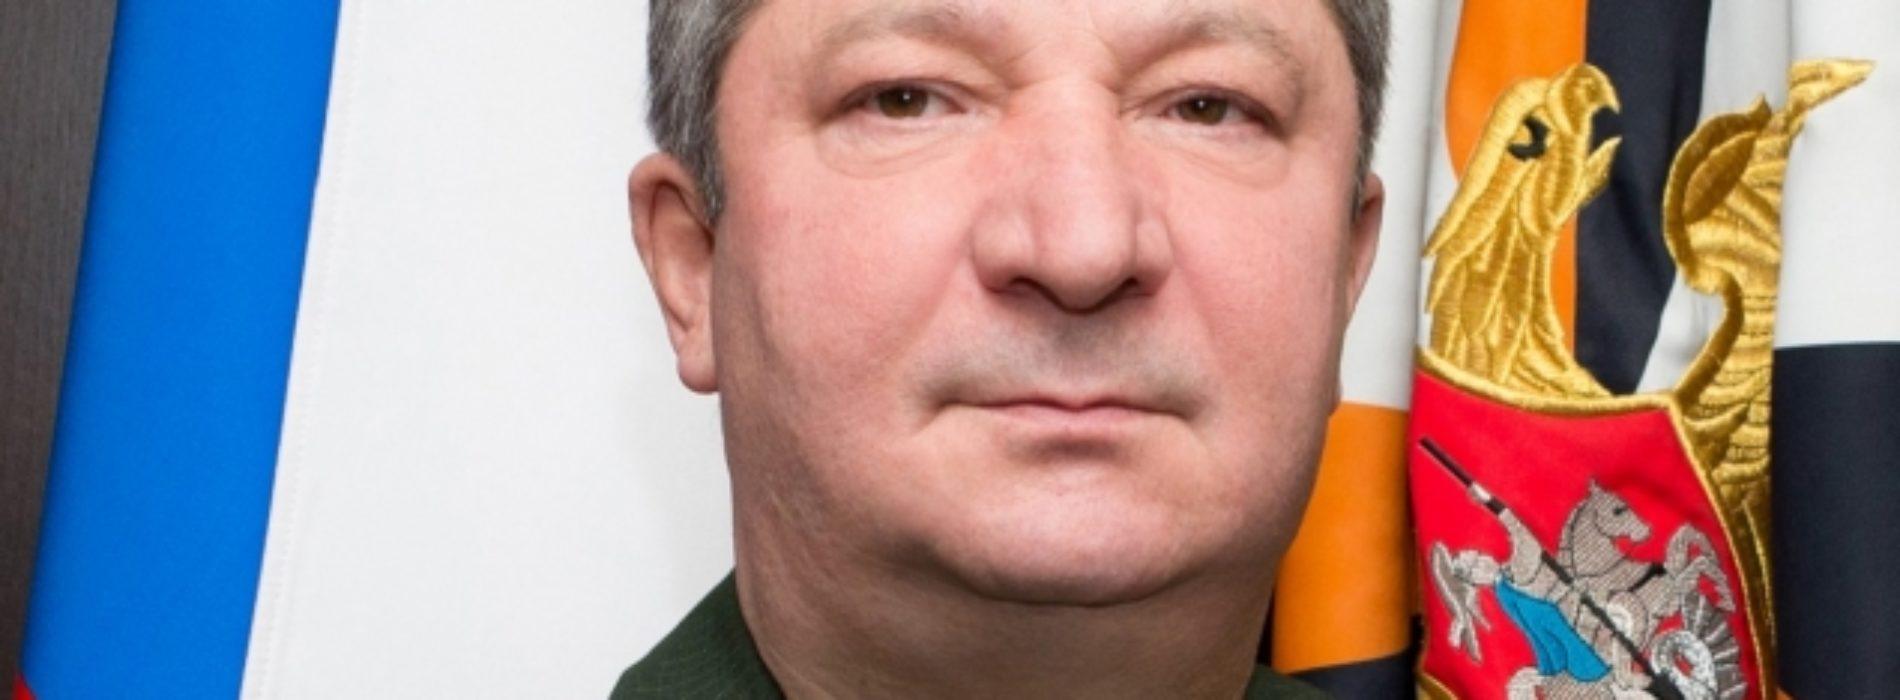 В хищении 6,7 миллиарда рублей обвинили замглавы Генштаба РФ